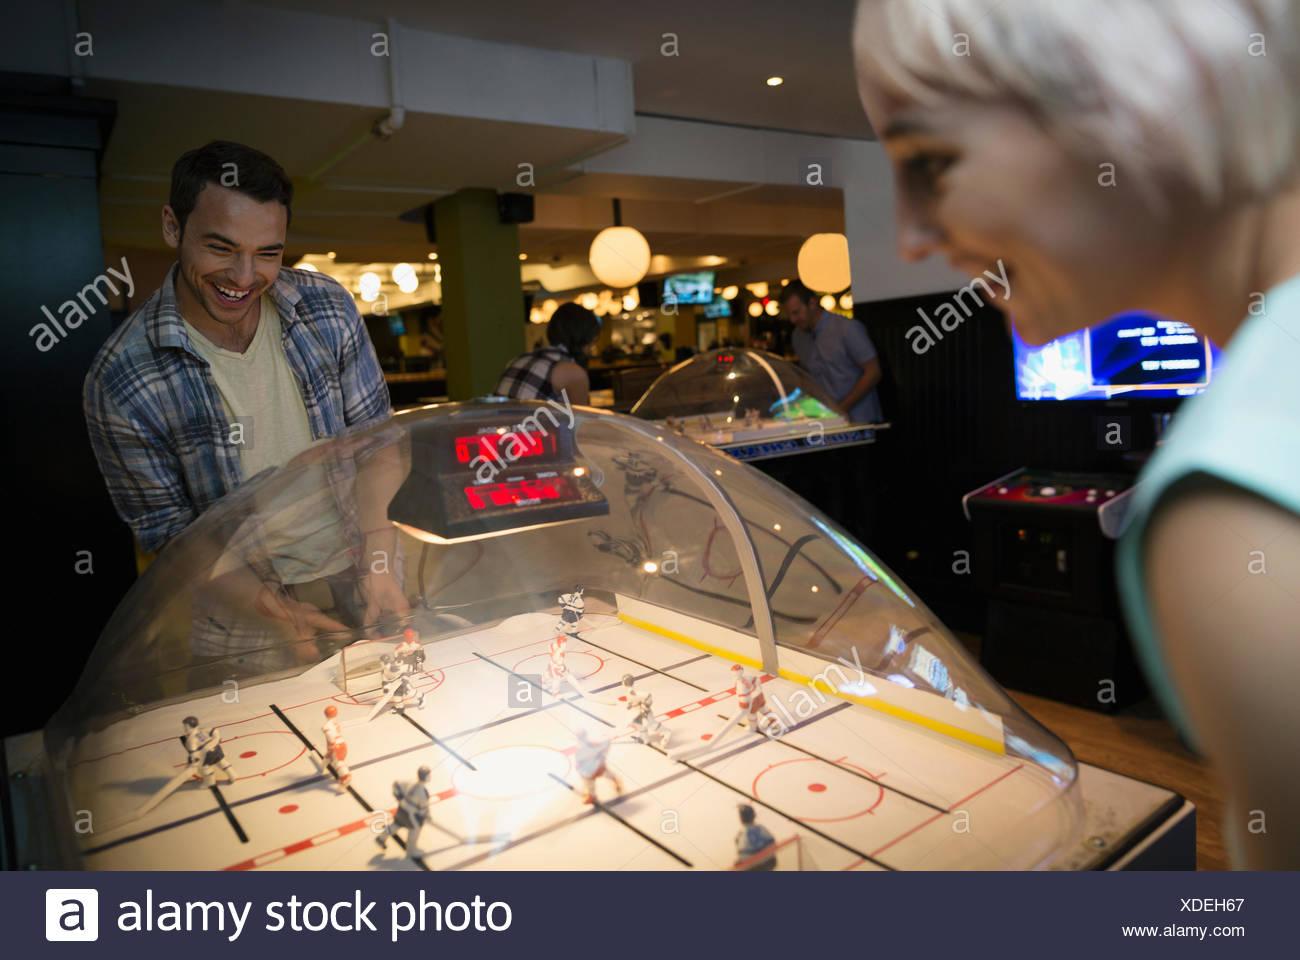 Amigos jugando bubble juego de hockey en el bowling alley Imagen De Stock